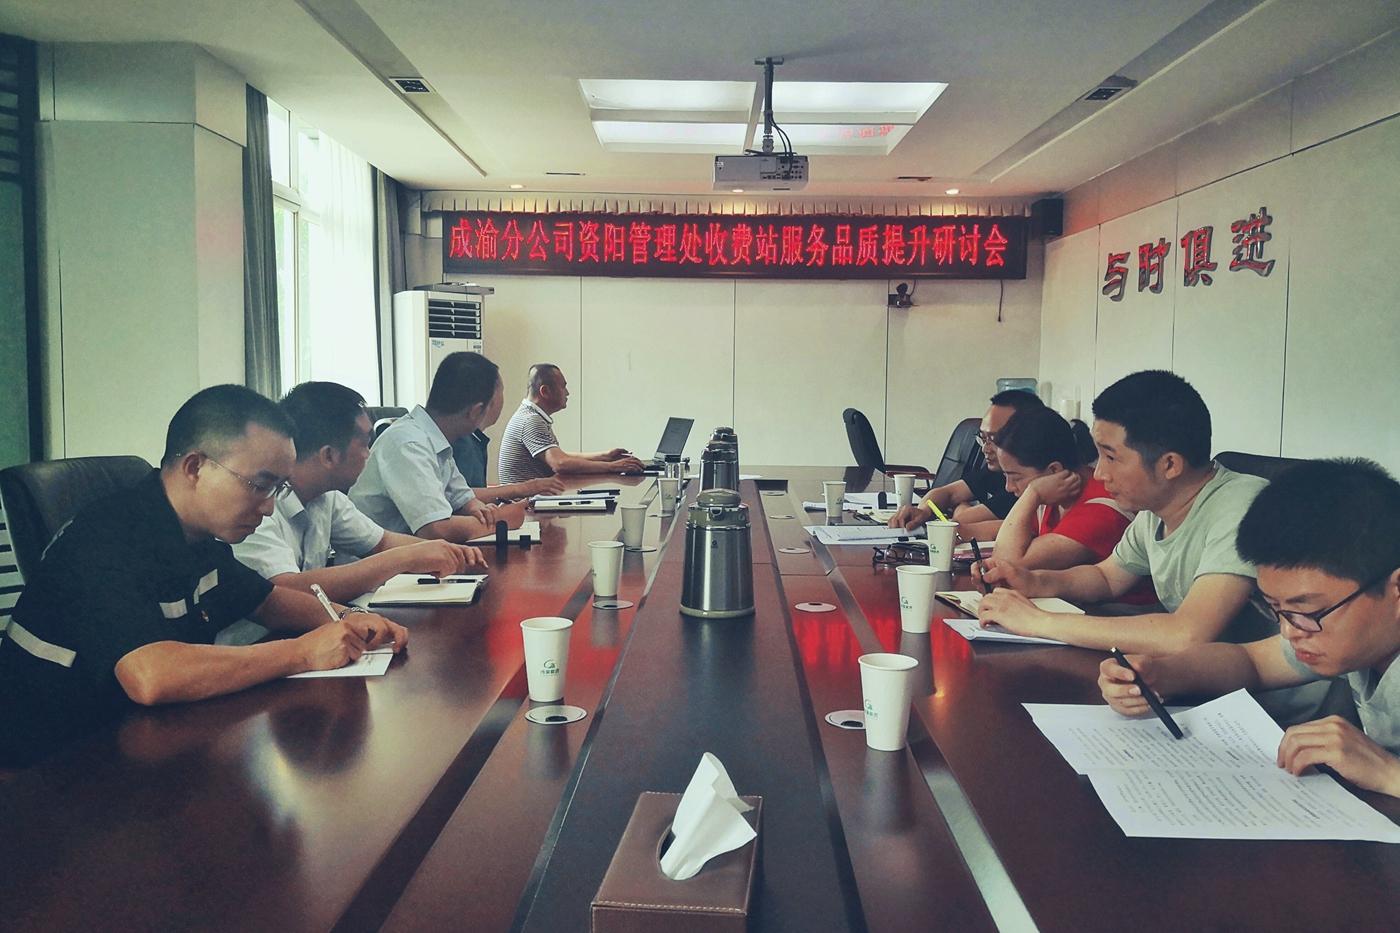 5.22+左正娣+  资阳管理处召开收费站服务品质和站级管理水平提升研讨会